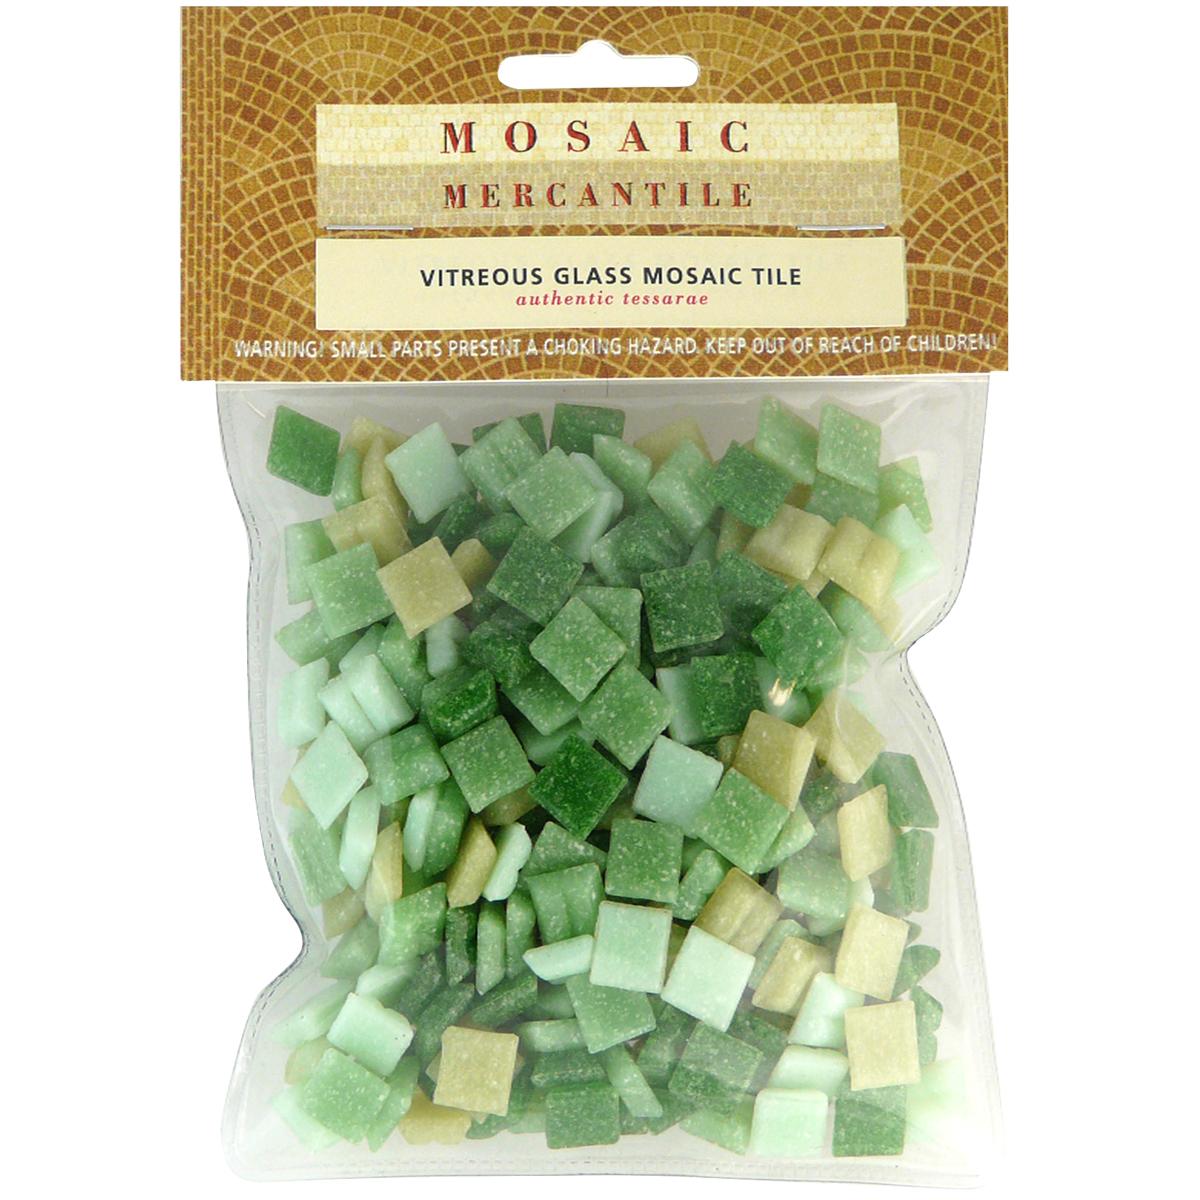 Vitreous Glass Mosaic Tiles .5lb-Landscape